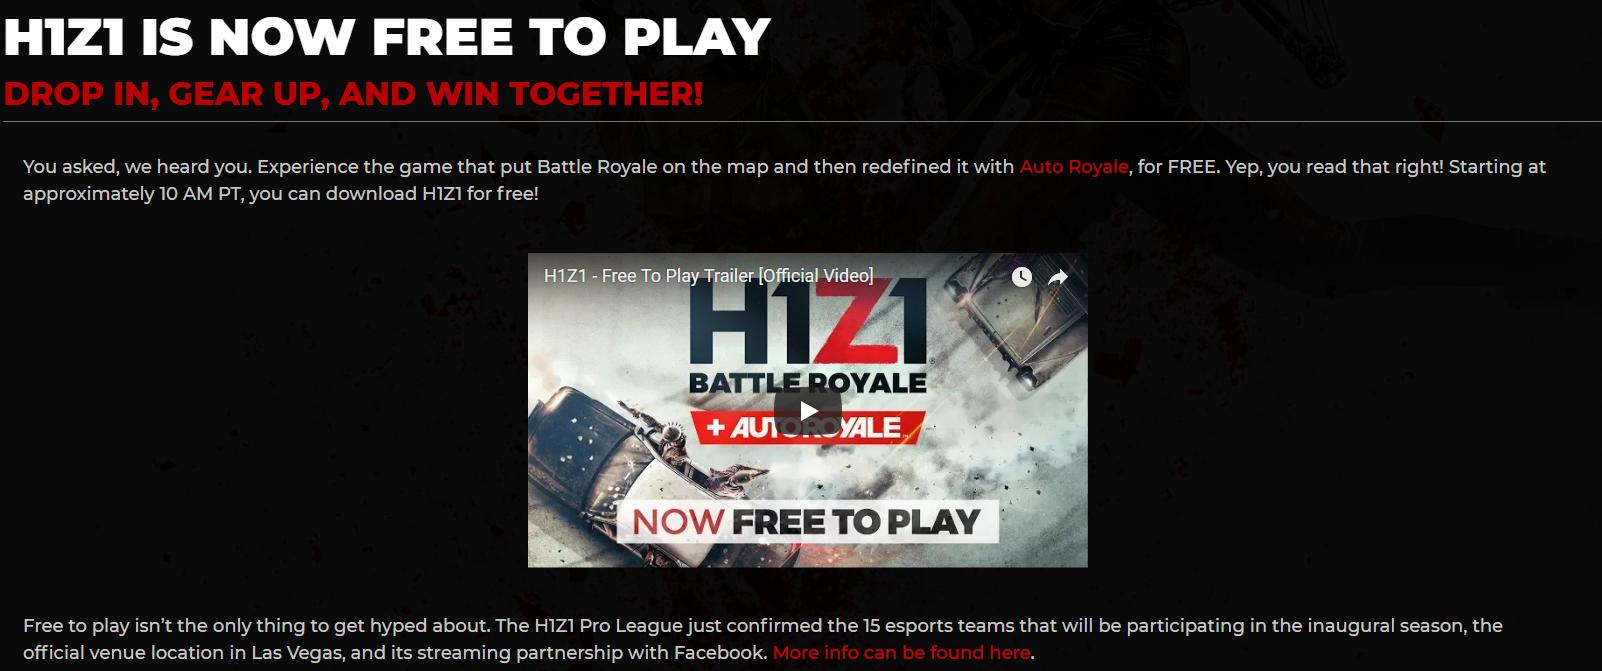 大逃杀《H1Z1》现已变为免费游戏